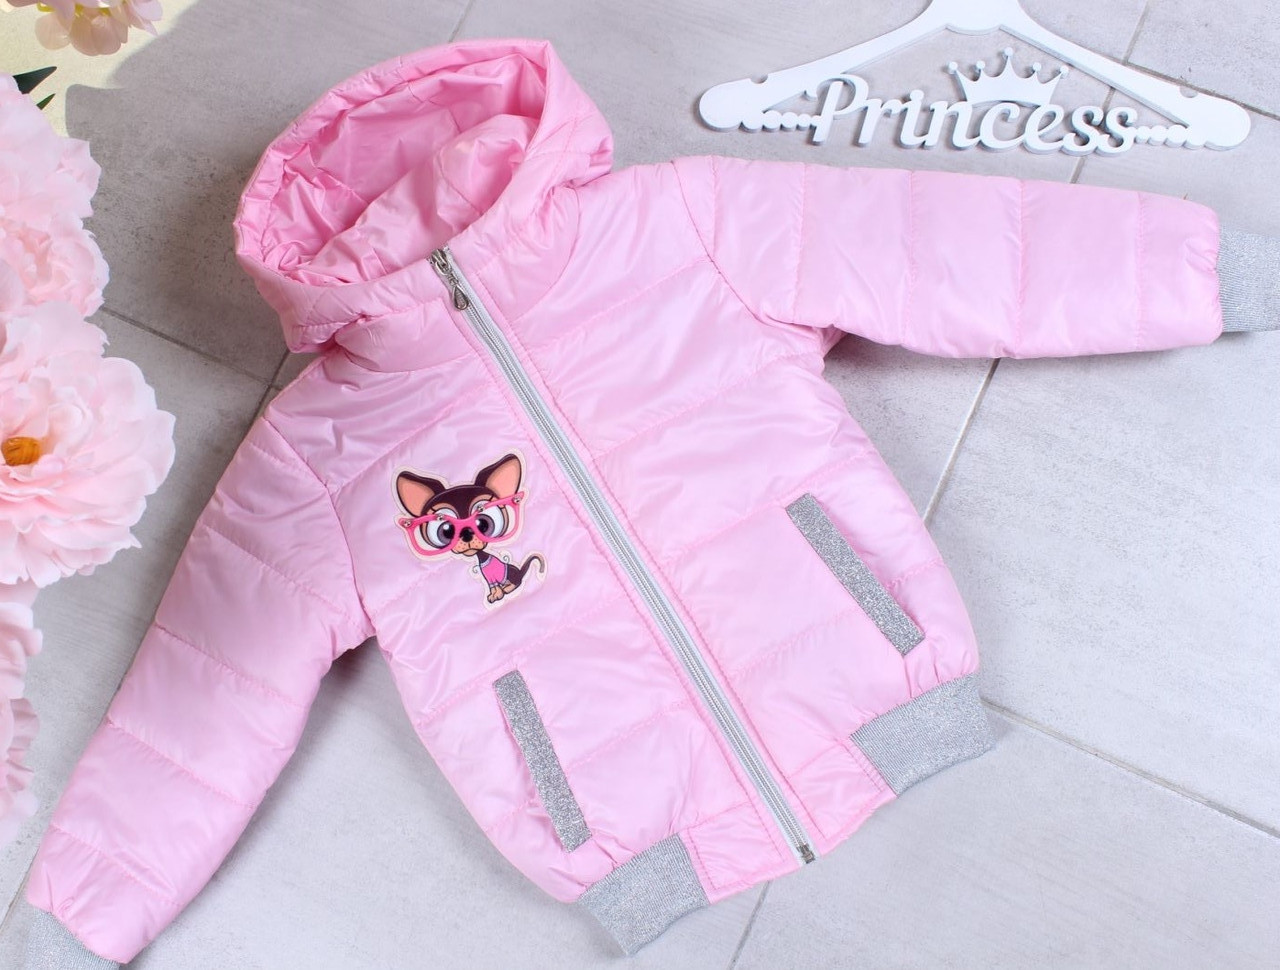 Куртка демисезонная #45455 с 3д рисунком для девочек 3-4-5-6-7-8 лет (98-128 см). Светло-розовая. Оптом